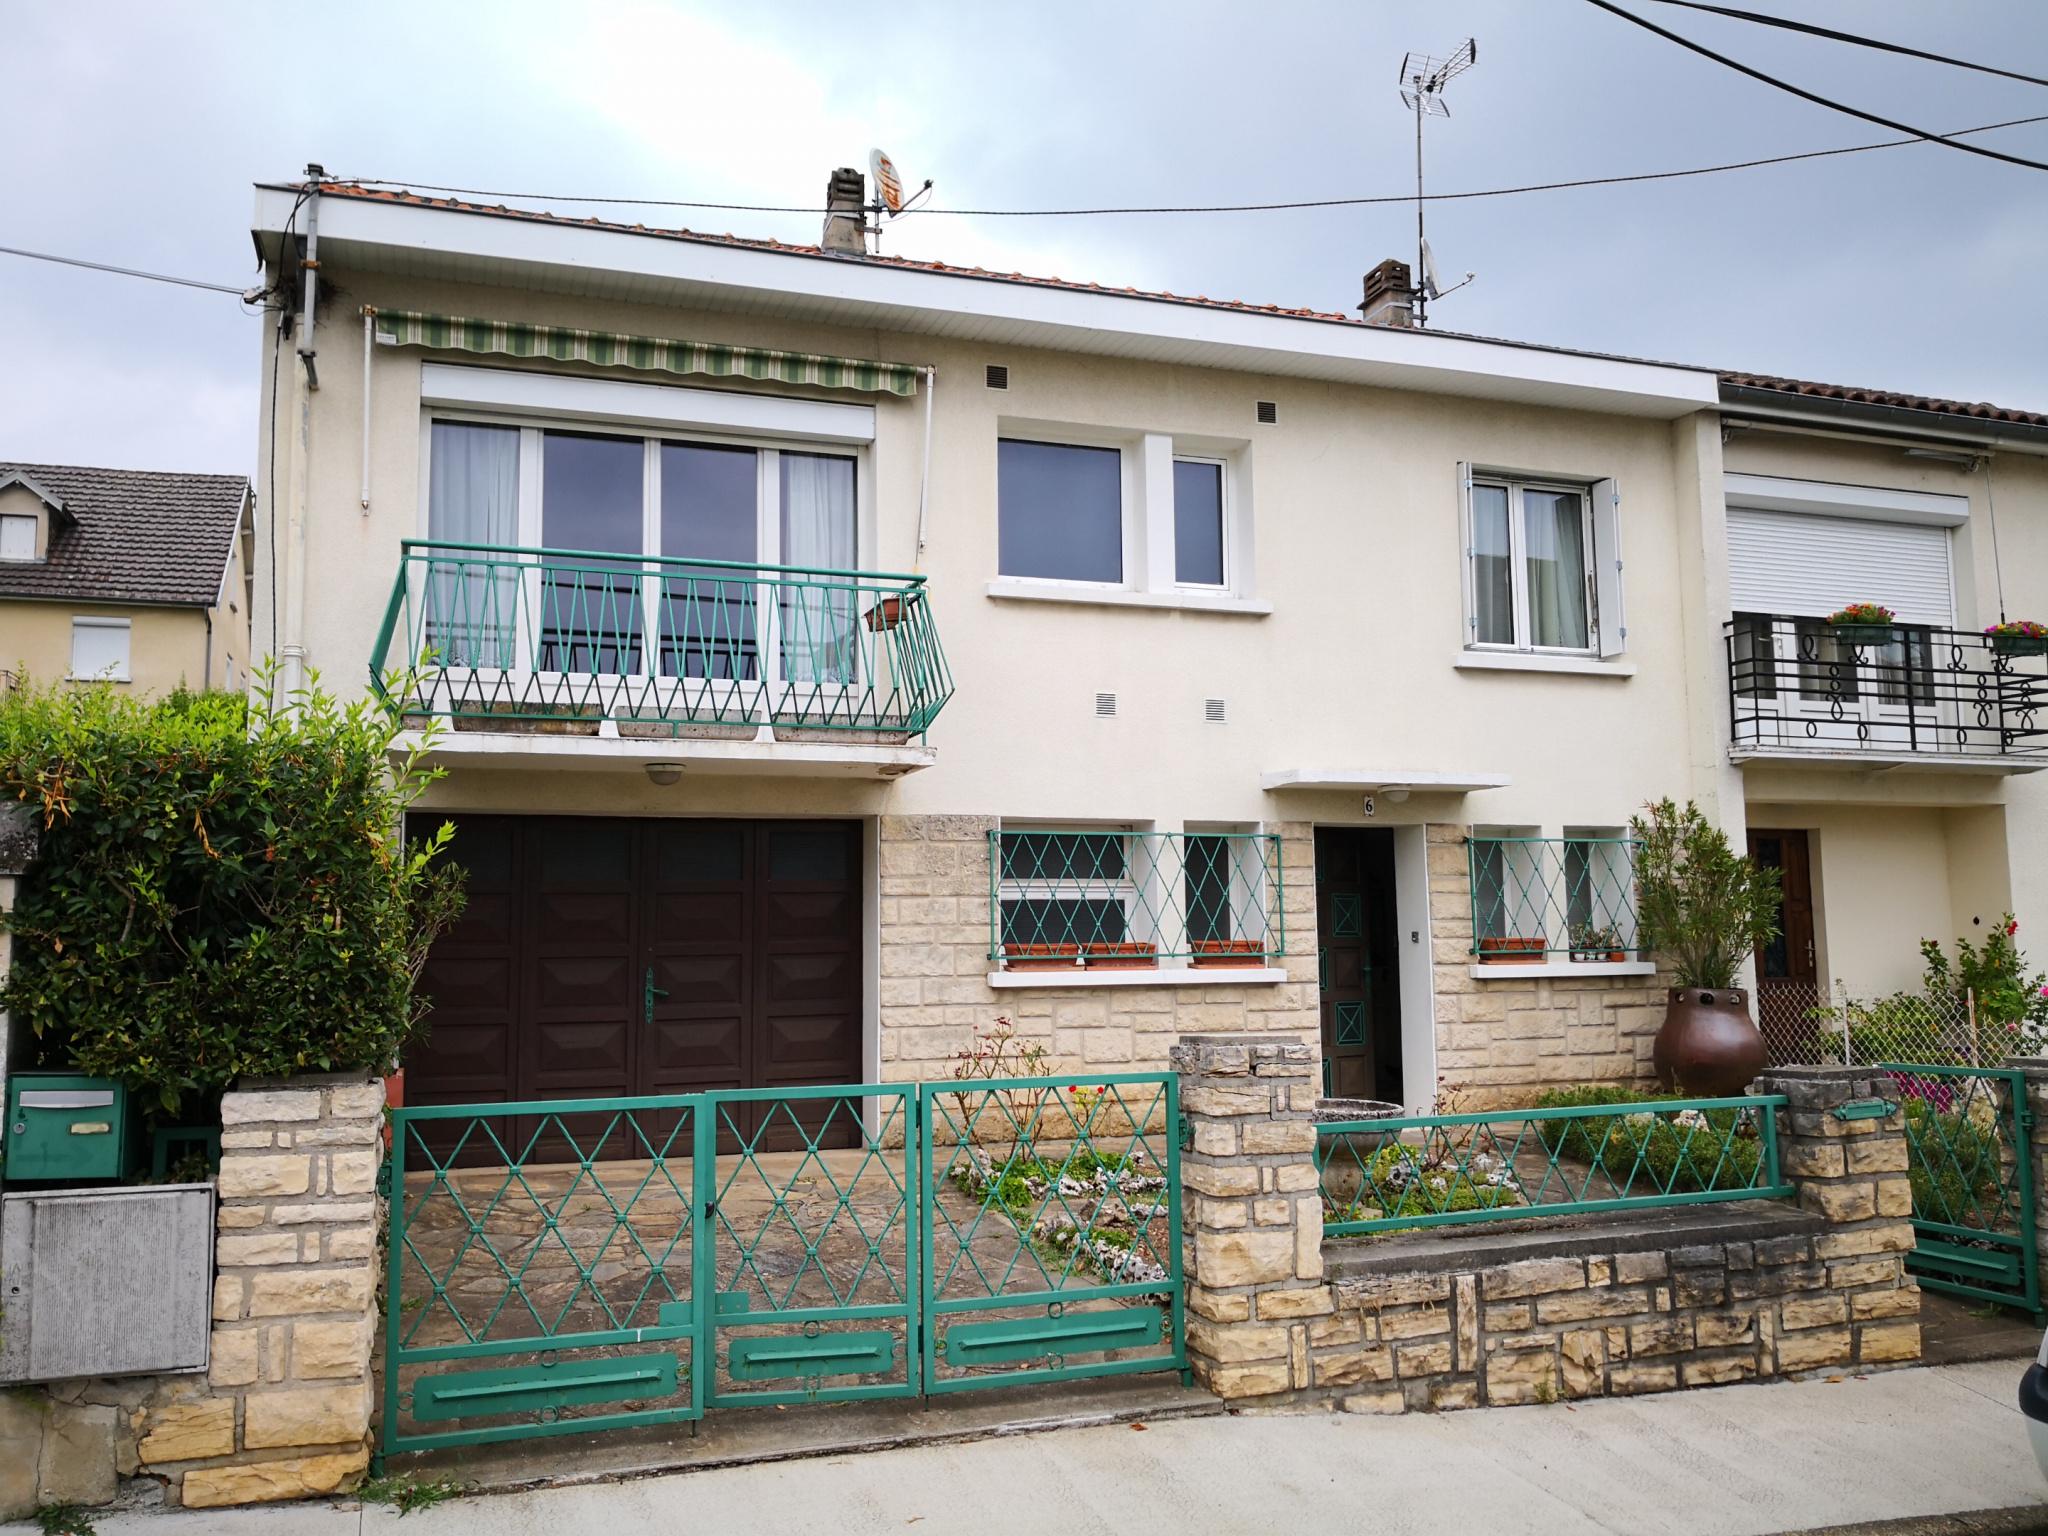 Vente maison villa perigueux hopital for Vente maison perigueux